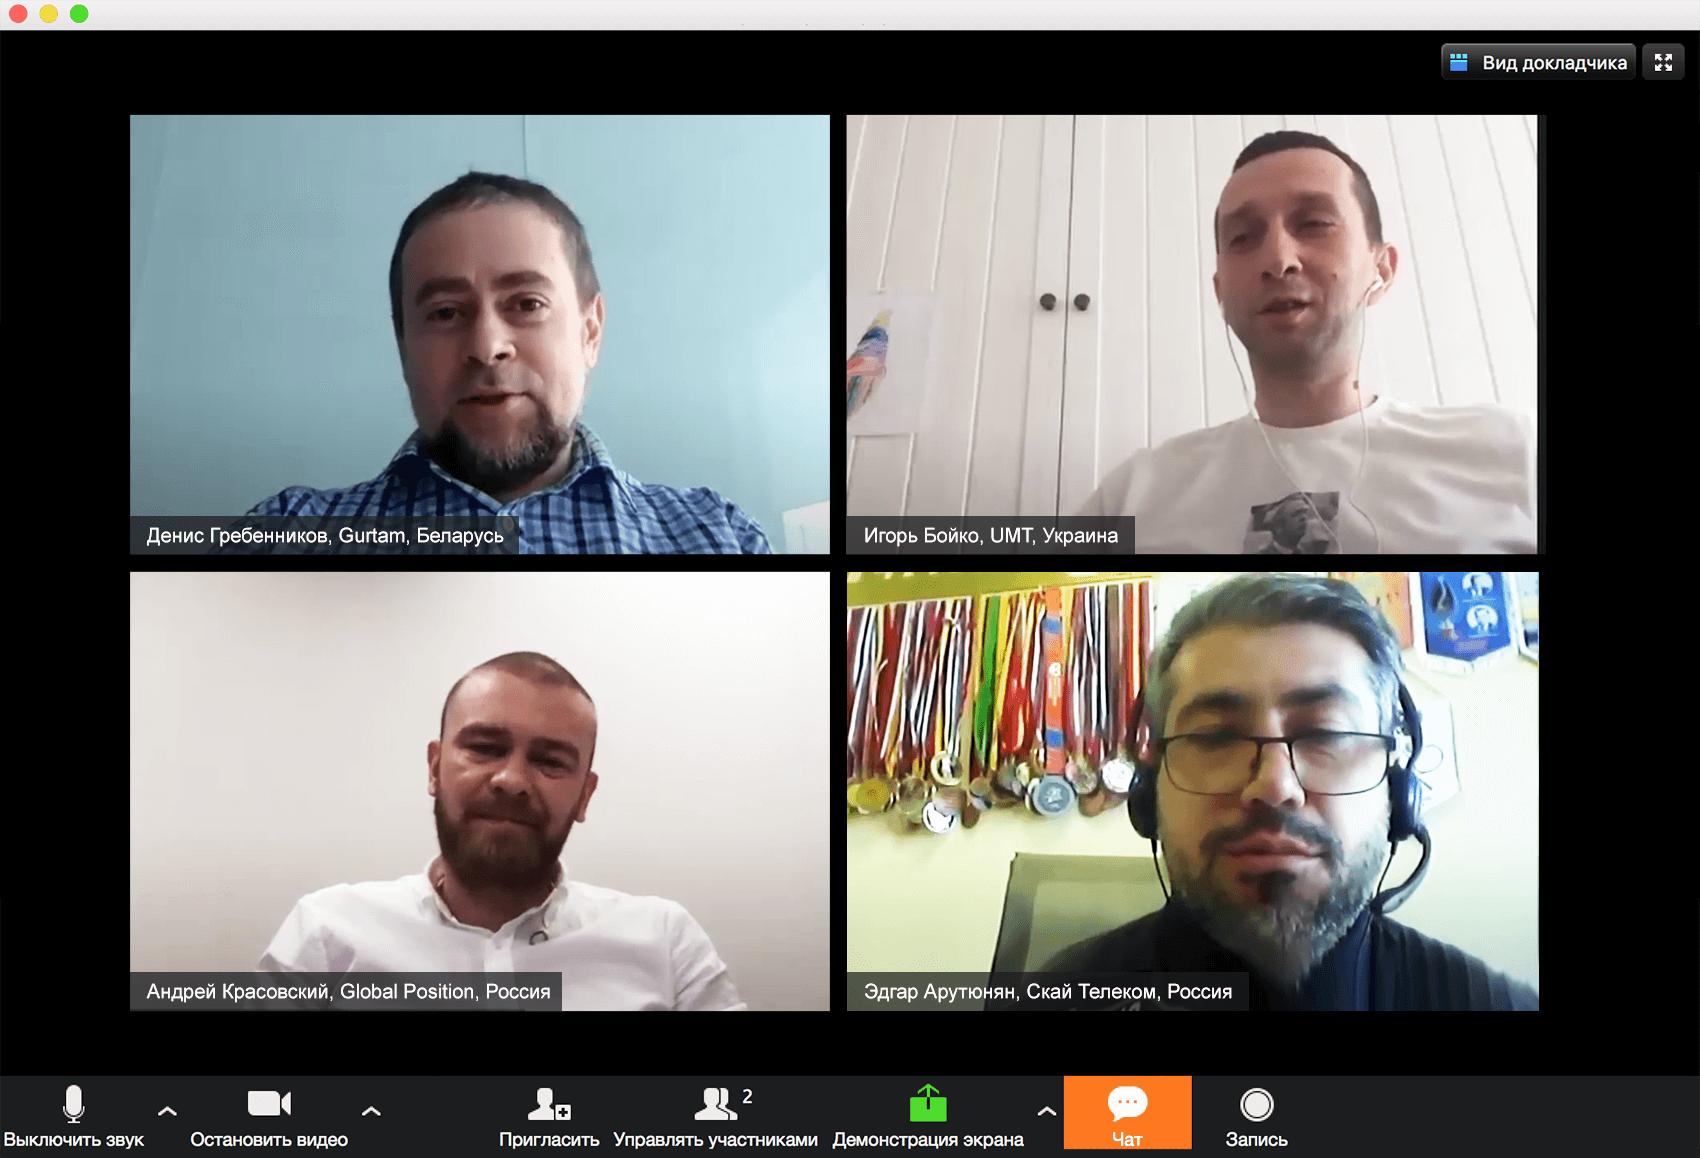 видео-конференция Zoom - первый онлайн митап Gurtam